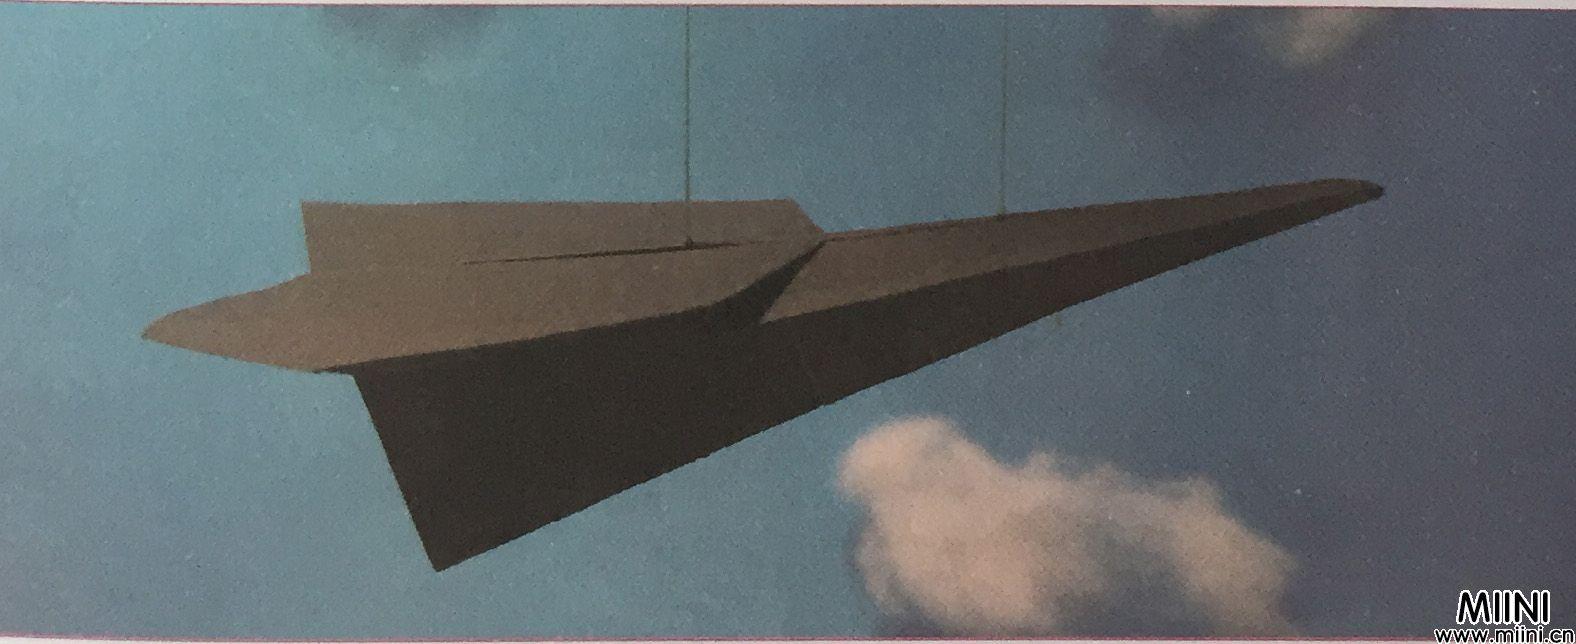 教你用纸折飞机方法